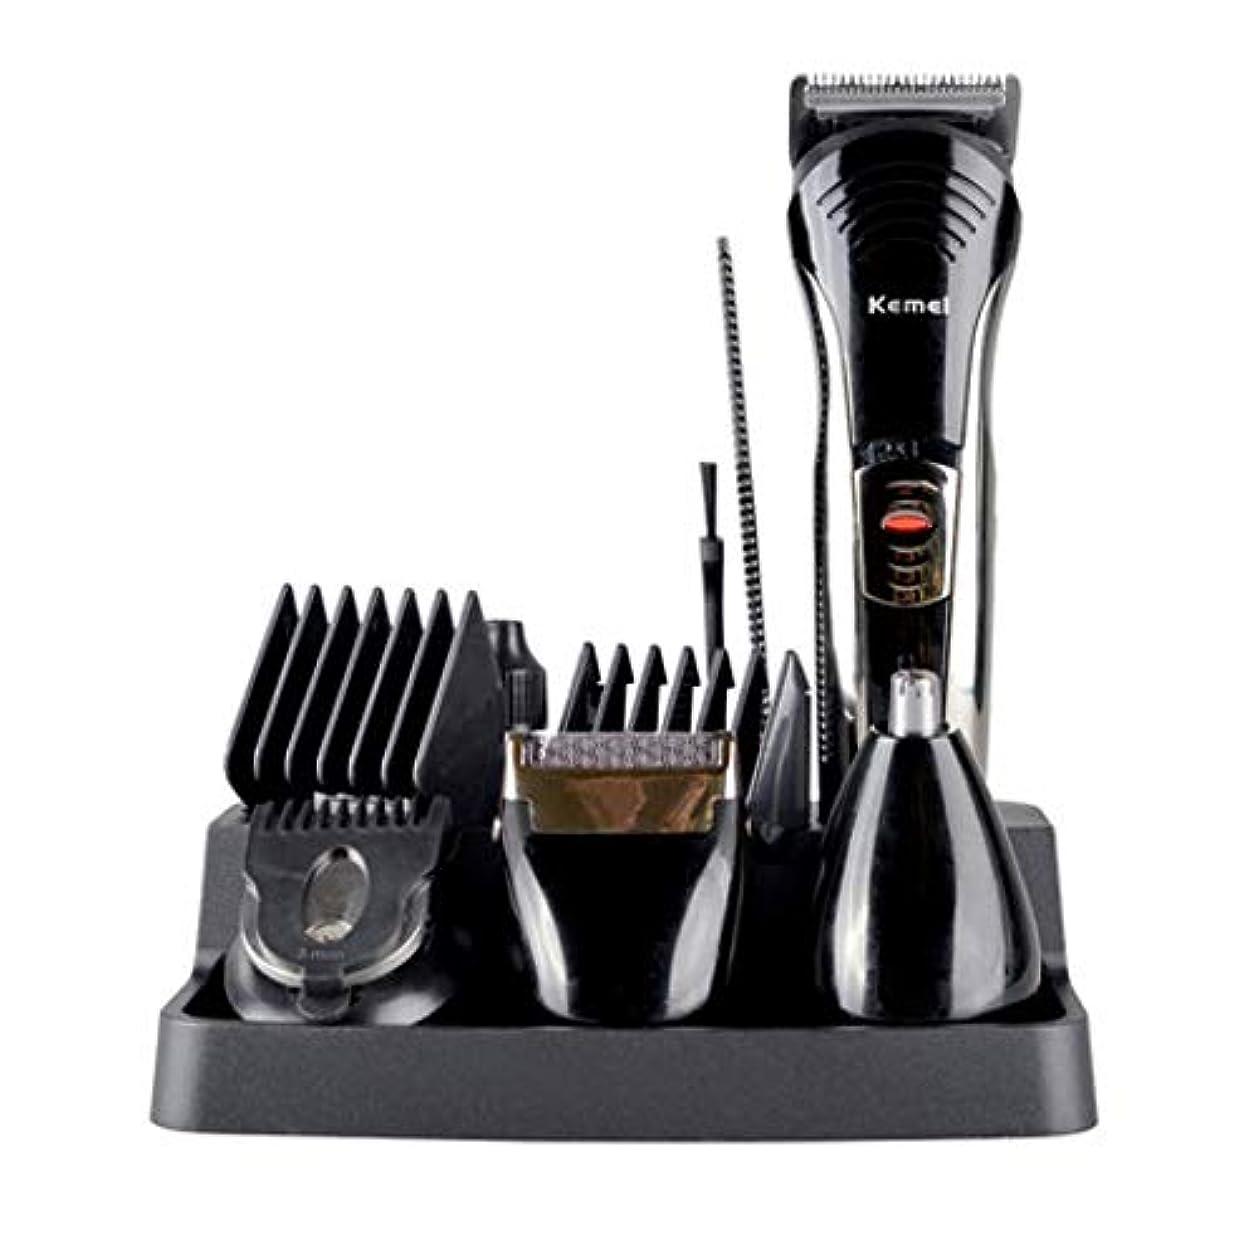 素晴らしき水ラボQINJLI 多機能電気髪クリッパー シェーバー鼻髪ナイフ コーナー ナイフ プロフェッショナル ベースかみそりストレージ